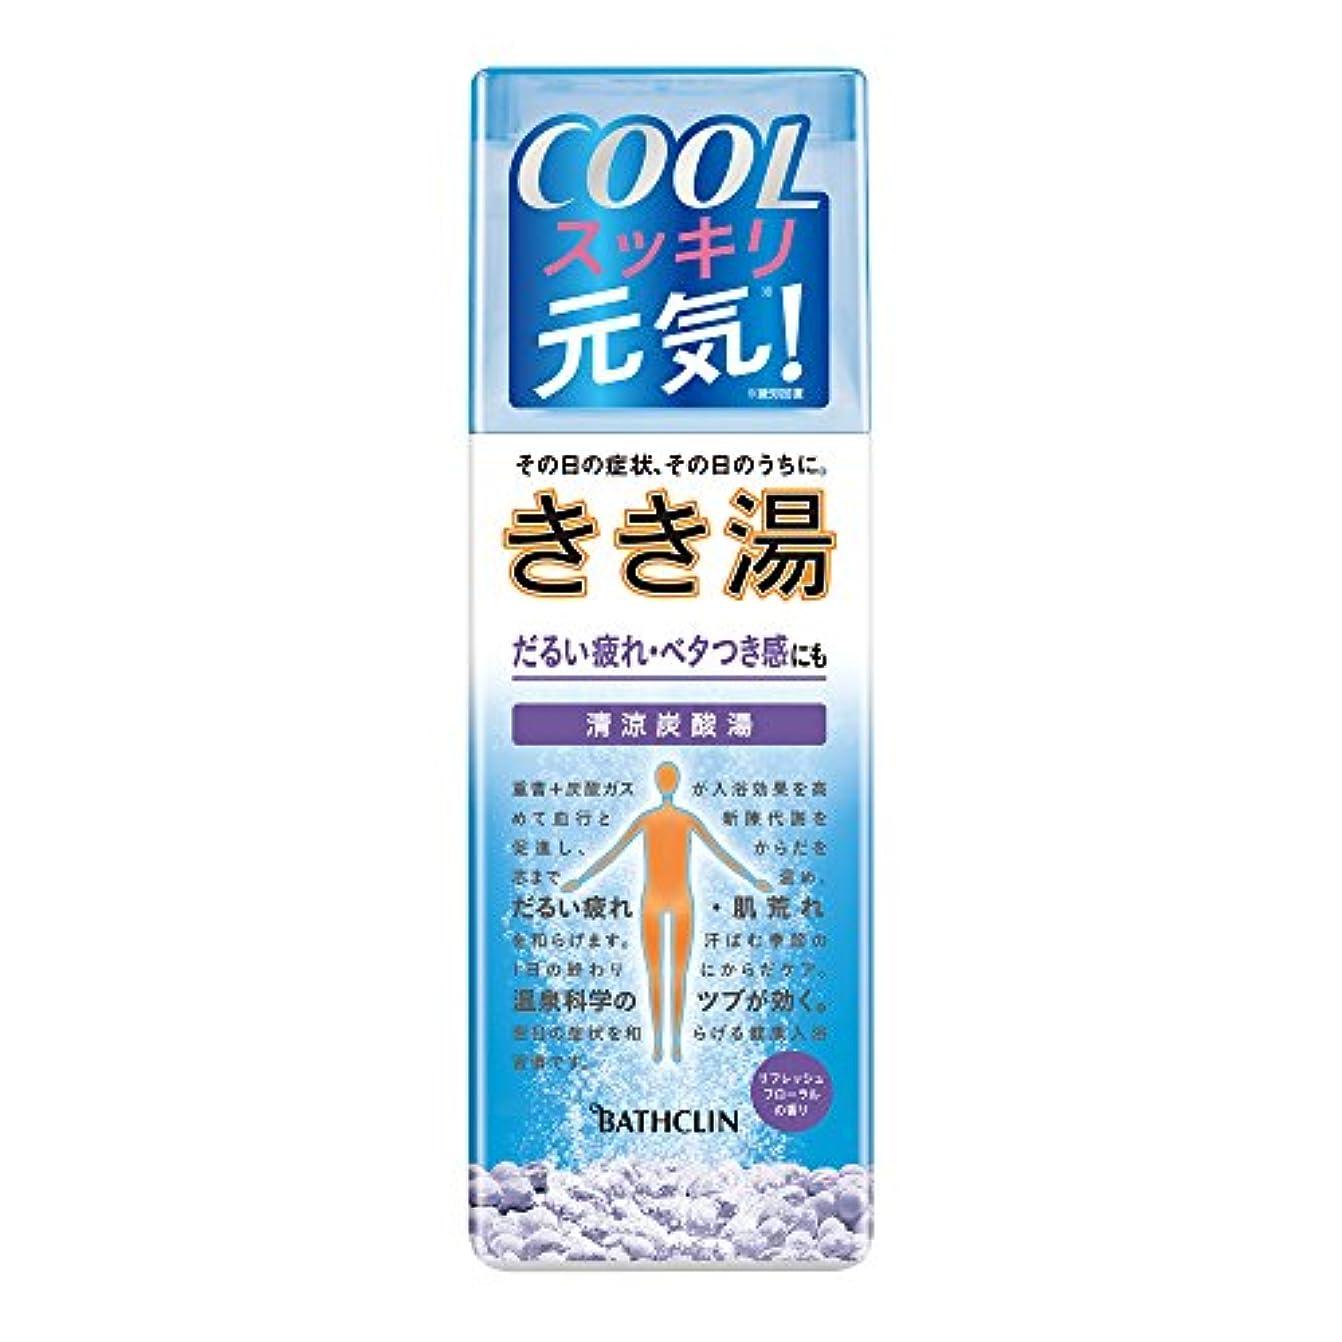 送信するびん検出する【医薬部外品】きき湯清涼炭酸湯リフレッシュフローラルの香り 360gマリンブルーの湯透明タイプ 入浴剤